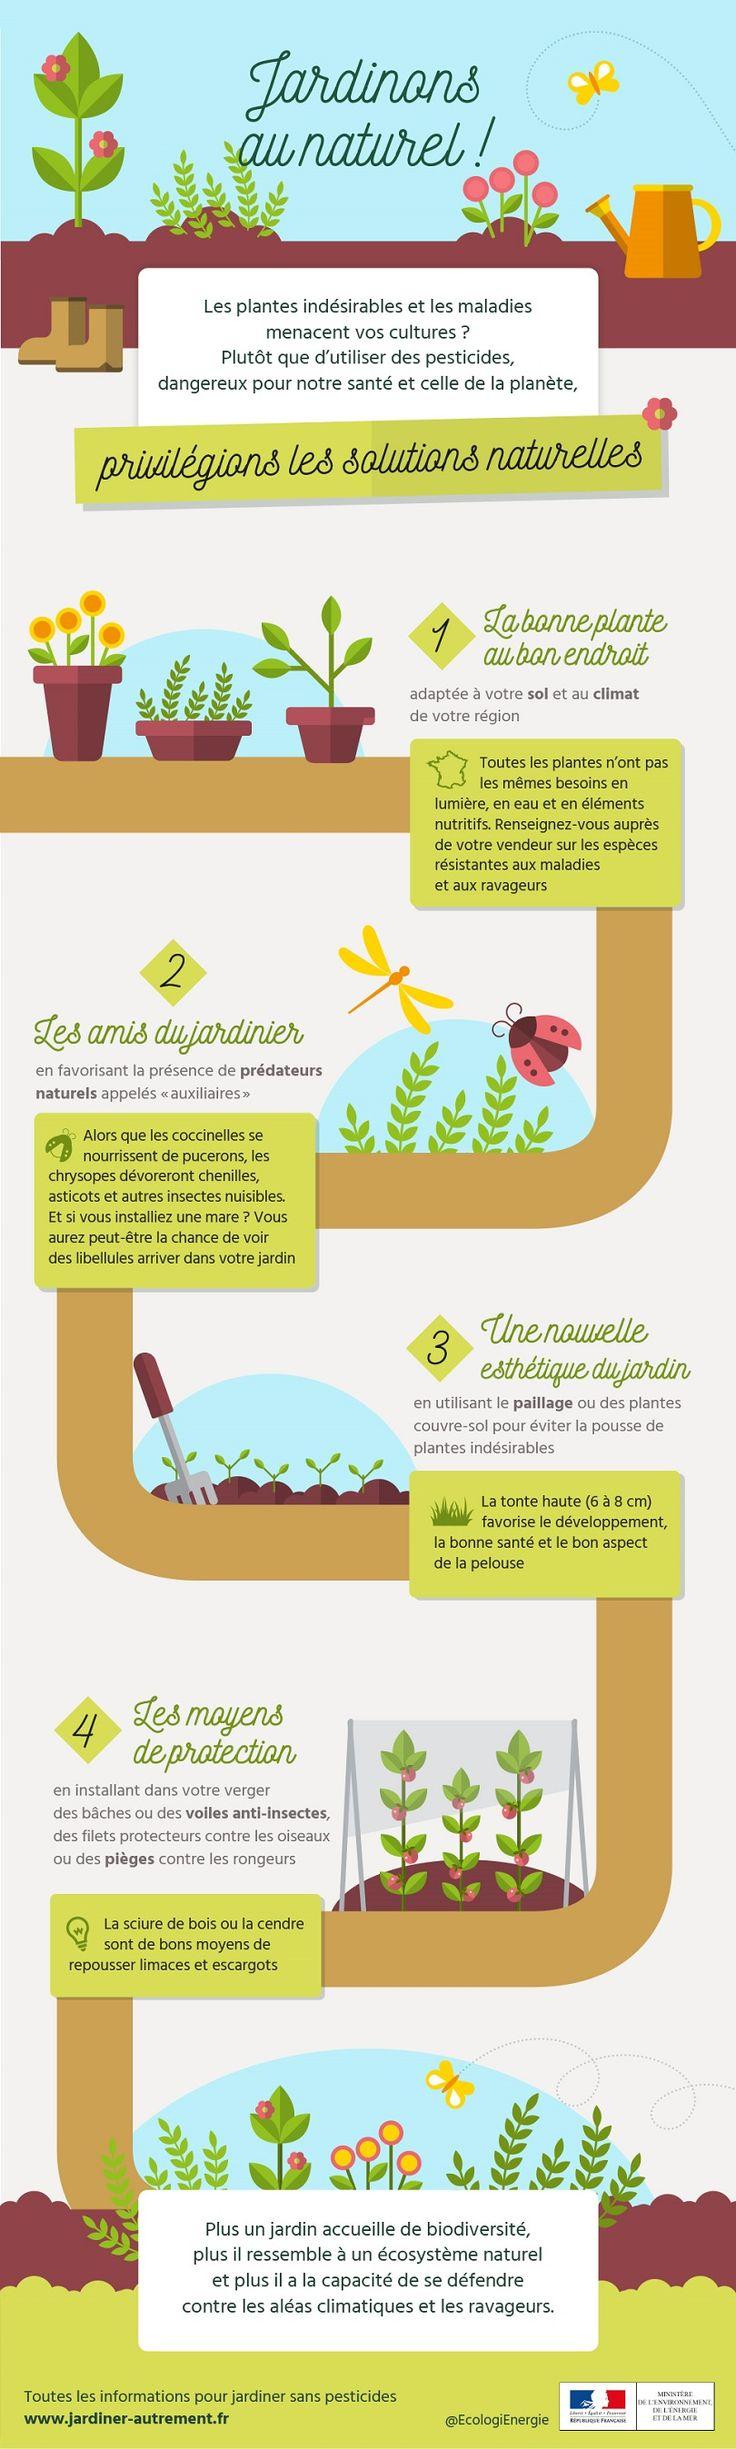 Collectivités, jardiniers amateurs : en route vers le zéro pesticide | Ministère de l'Environnement, de l'Énergie et de la Mer